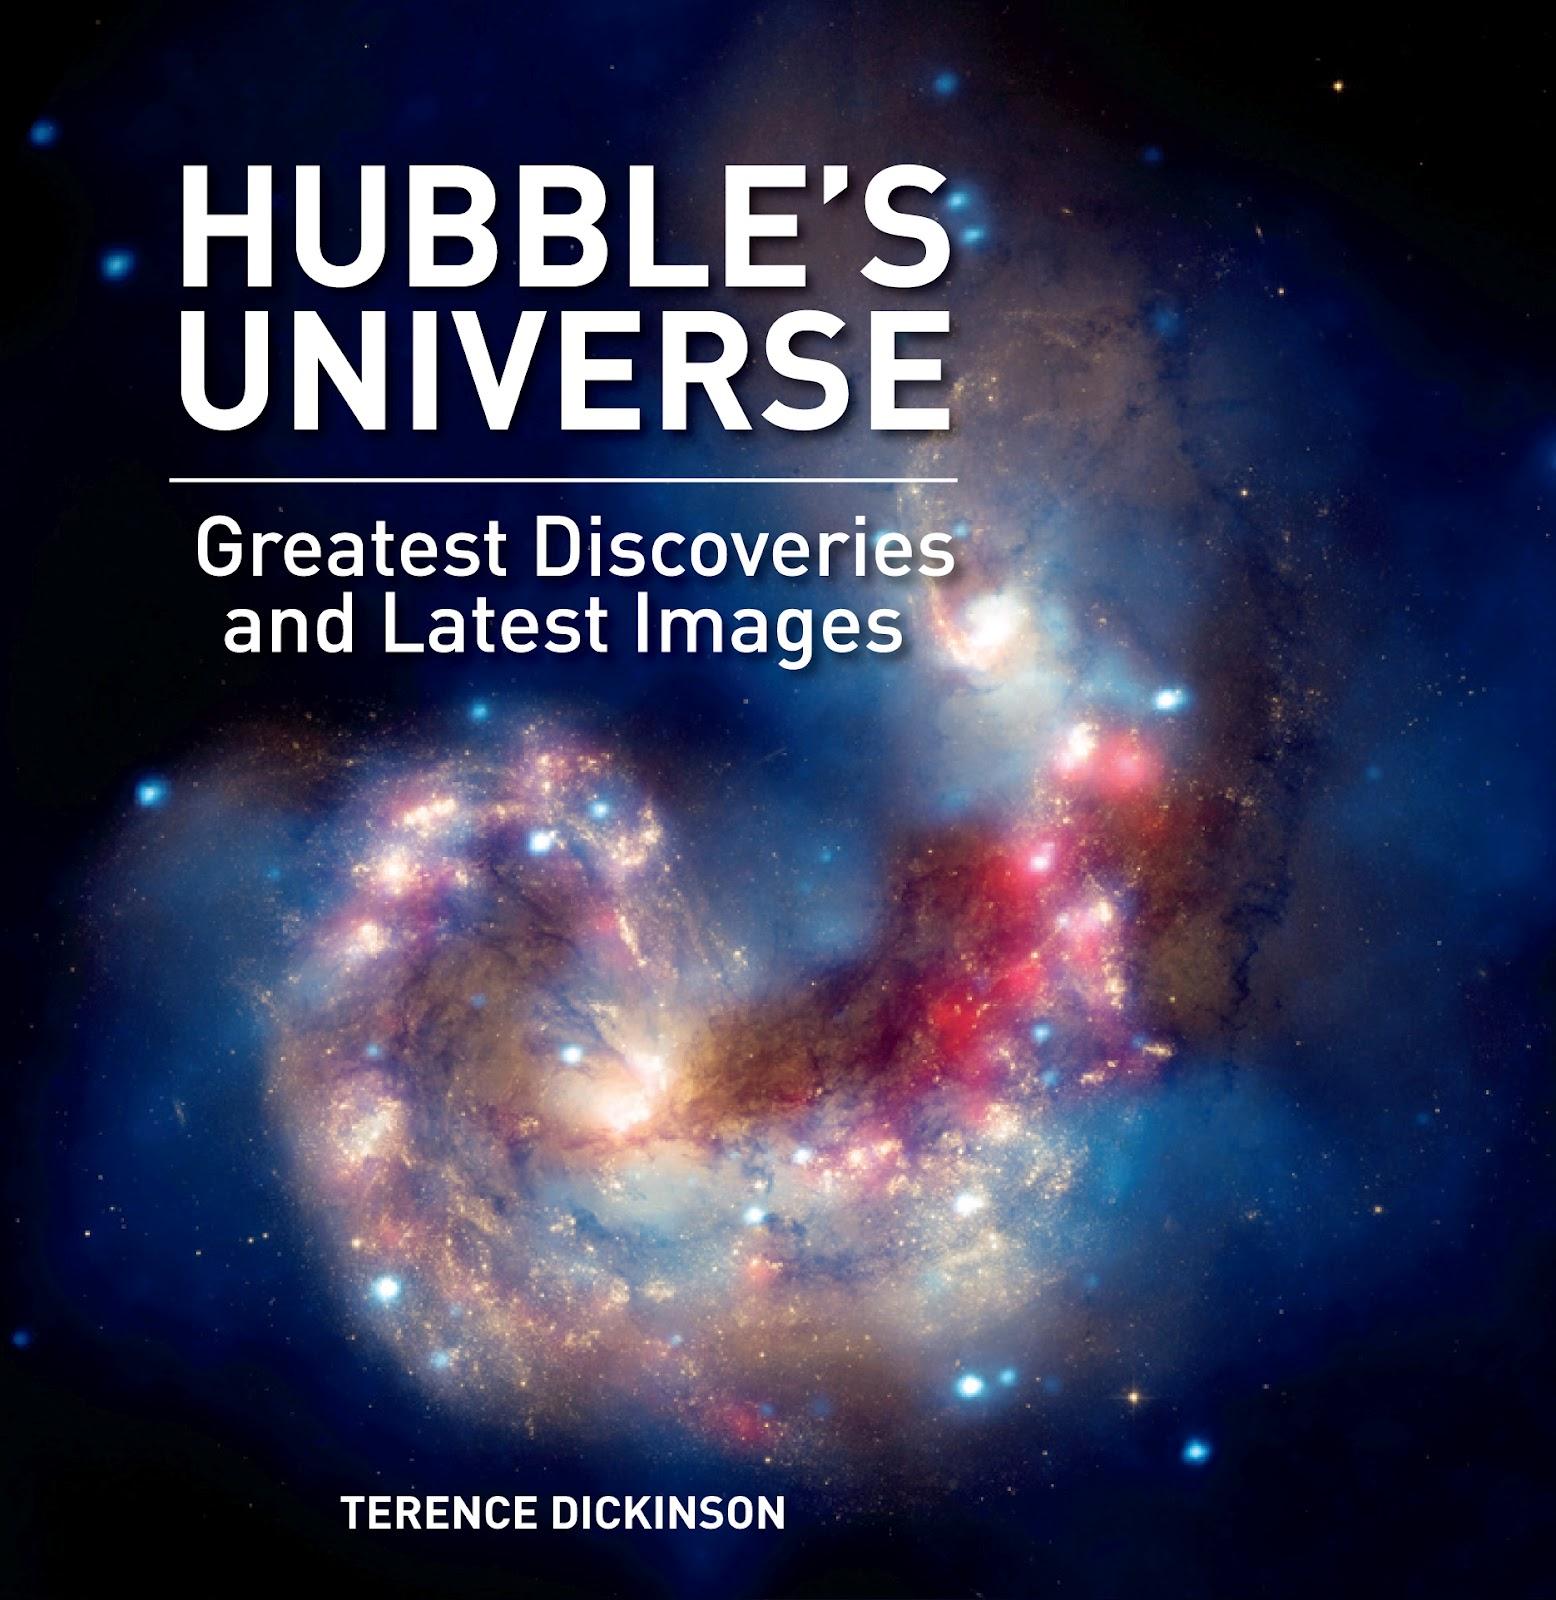 http://3.bp.blogspot.com/-70pXrCFGeWQ/UA2IYbyos4I/AAAAAAAAAYU/bX9wRfKeTao/s1600/Hubble\'sUniverse_cover.jpg